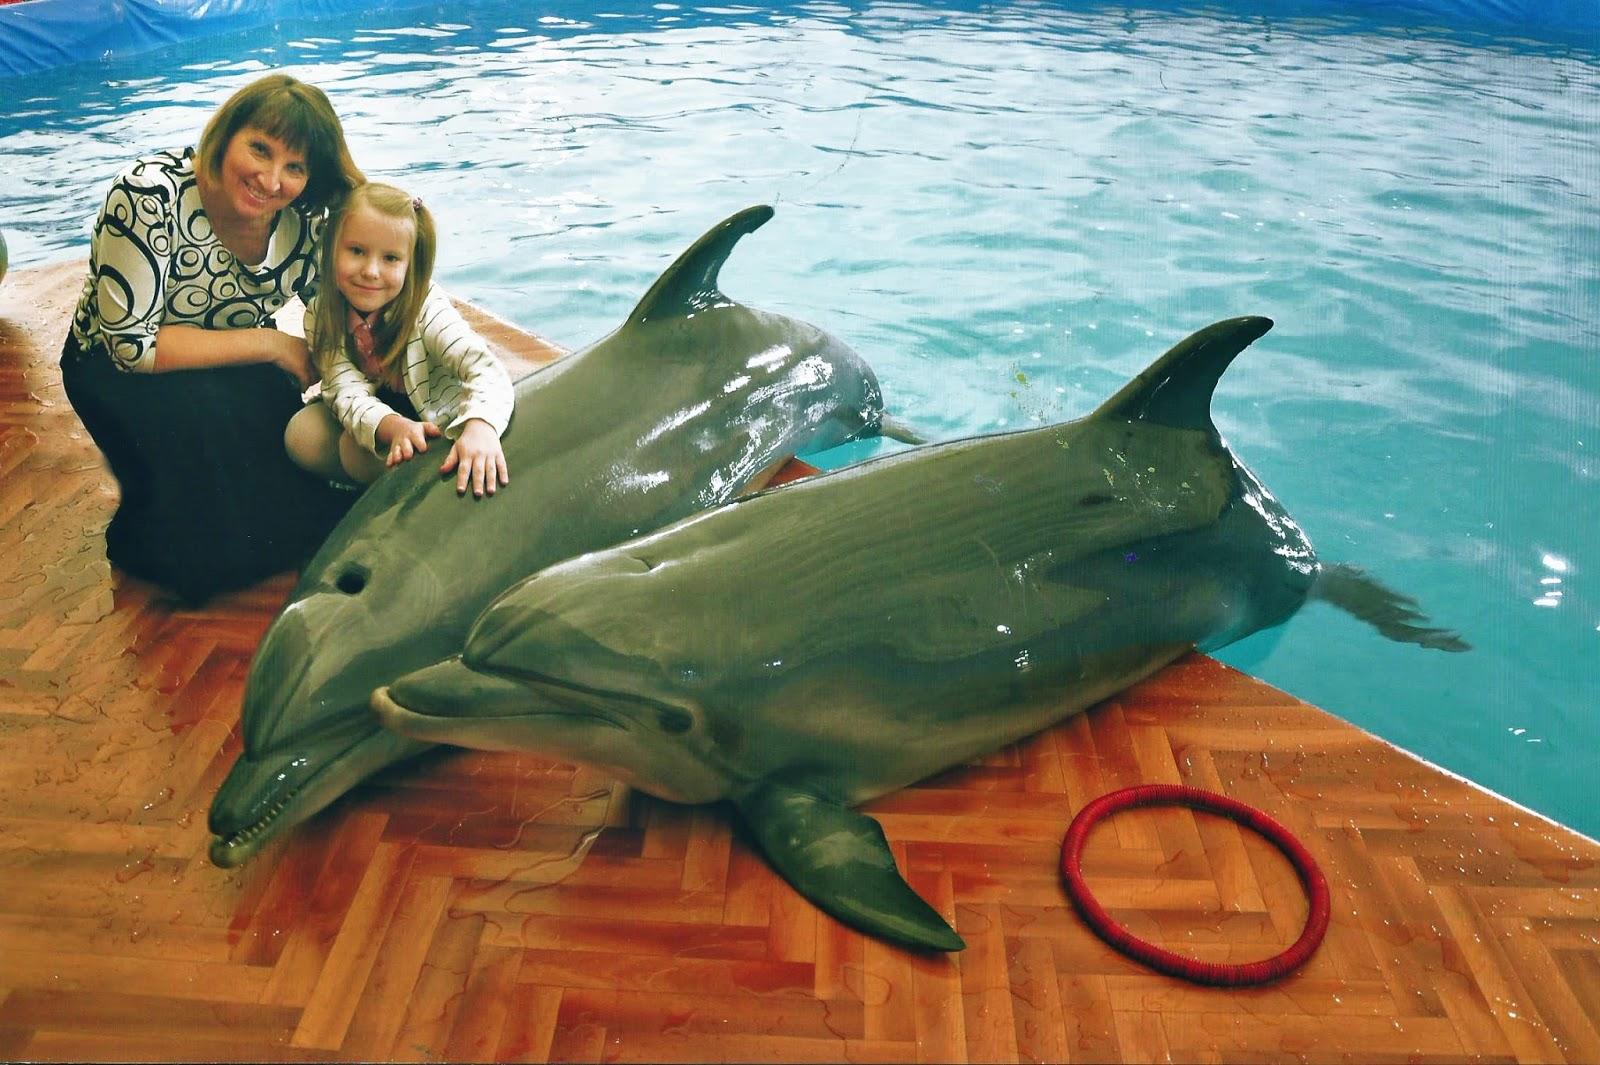 желание погладить дельфина - сбылось!